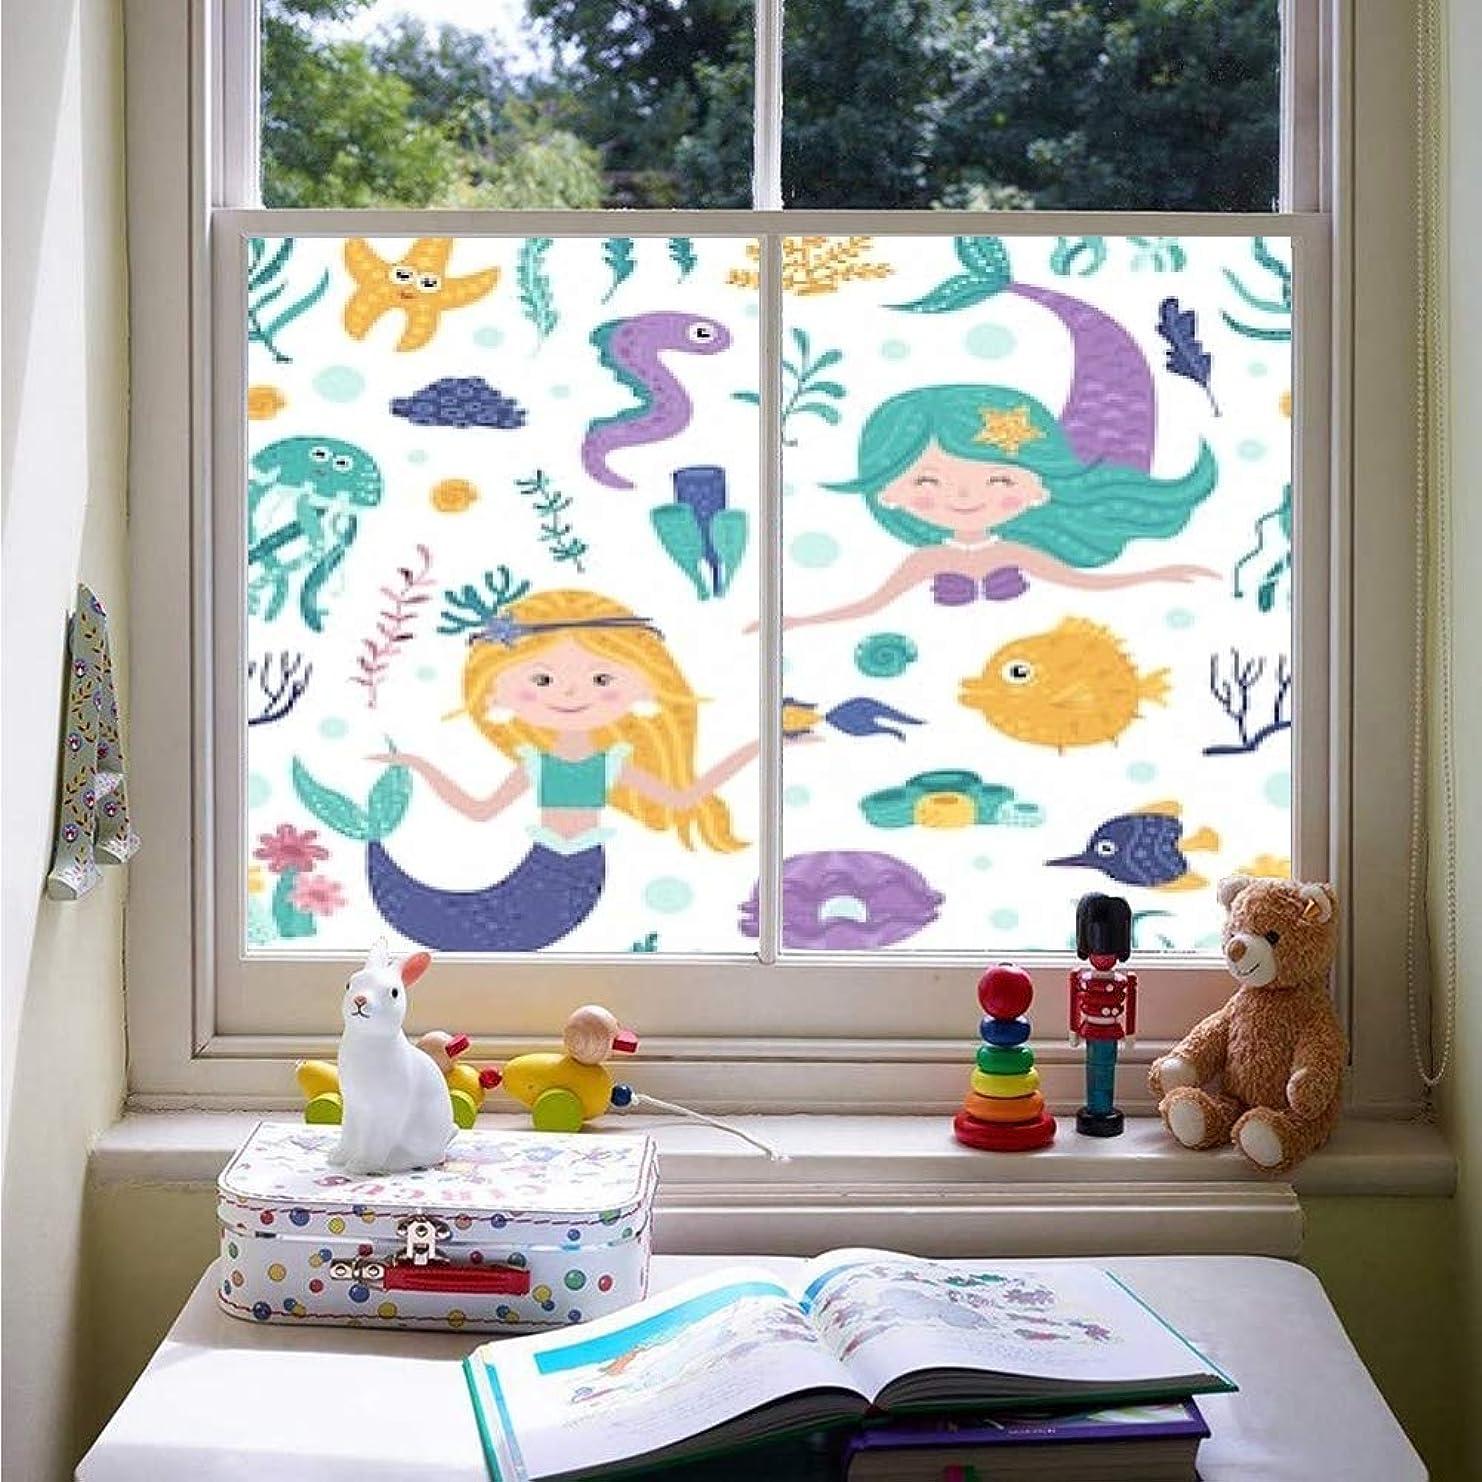 投資する中止します目覚める窓フィルム 目隠しシート 窓ガラス 遮光シート 美術の窓 飛散防止フィルム かわいいMeimass、海藻、魚とのシームレスなパターンベクトルイラスト uv ガラスフィルム 窓際のトットちゃん 断熱シート マジックミラー フィルム 透明 かわいい 窓ぼかし シェード 窓用かんきせん 紙シール